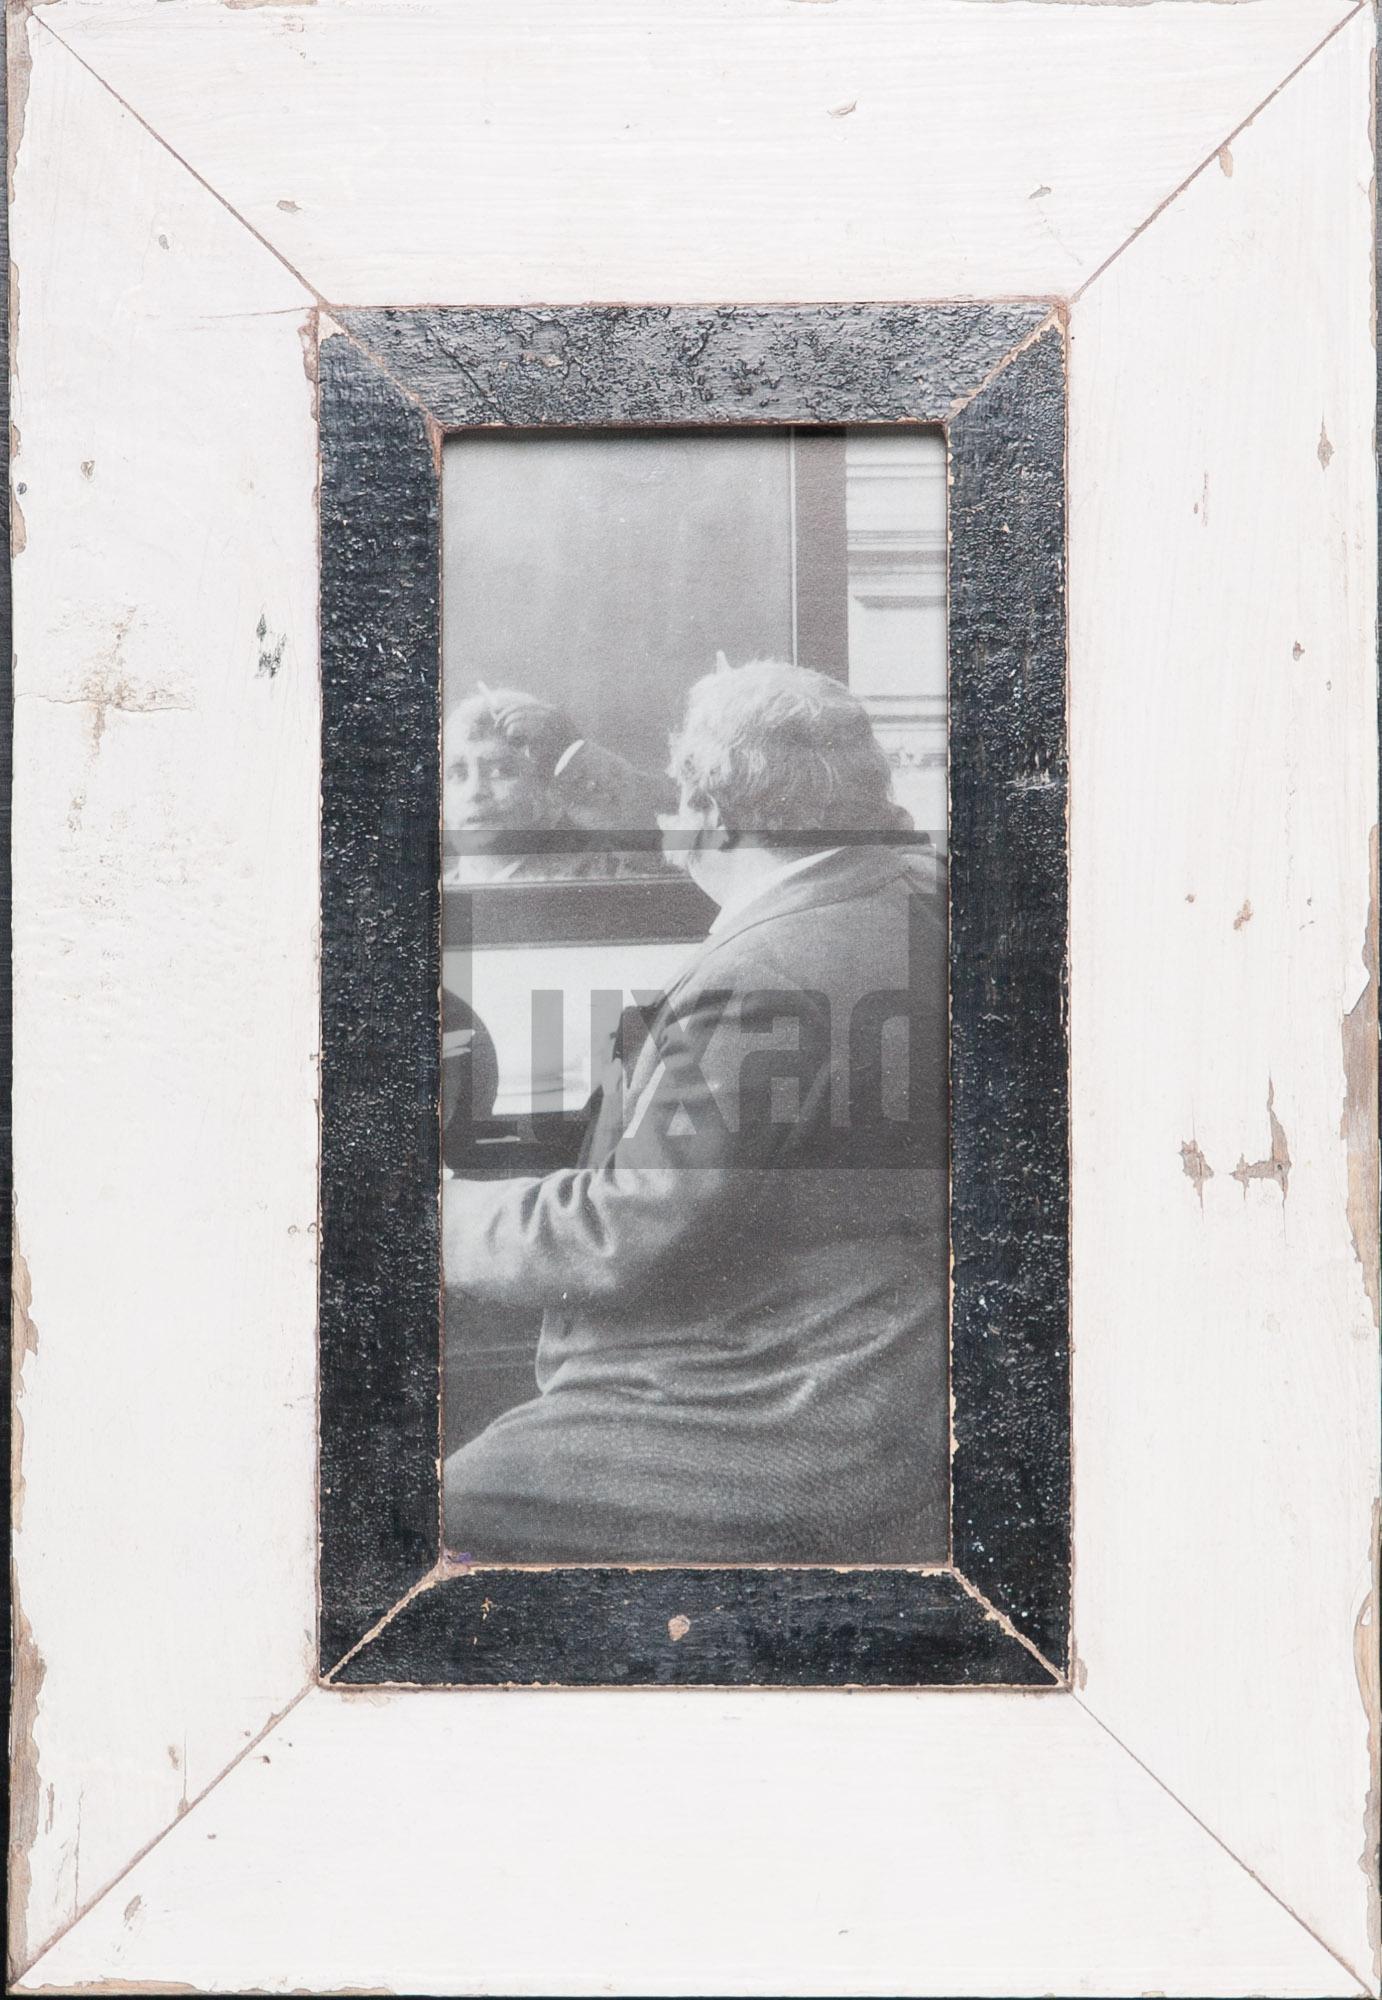 Schmaler Vintage-Bilderrahmen für Fotos ca. 10,5 x 29,7 cm